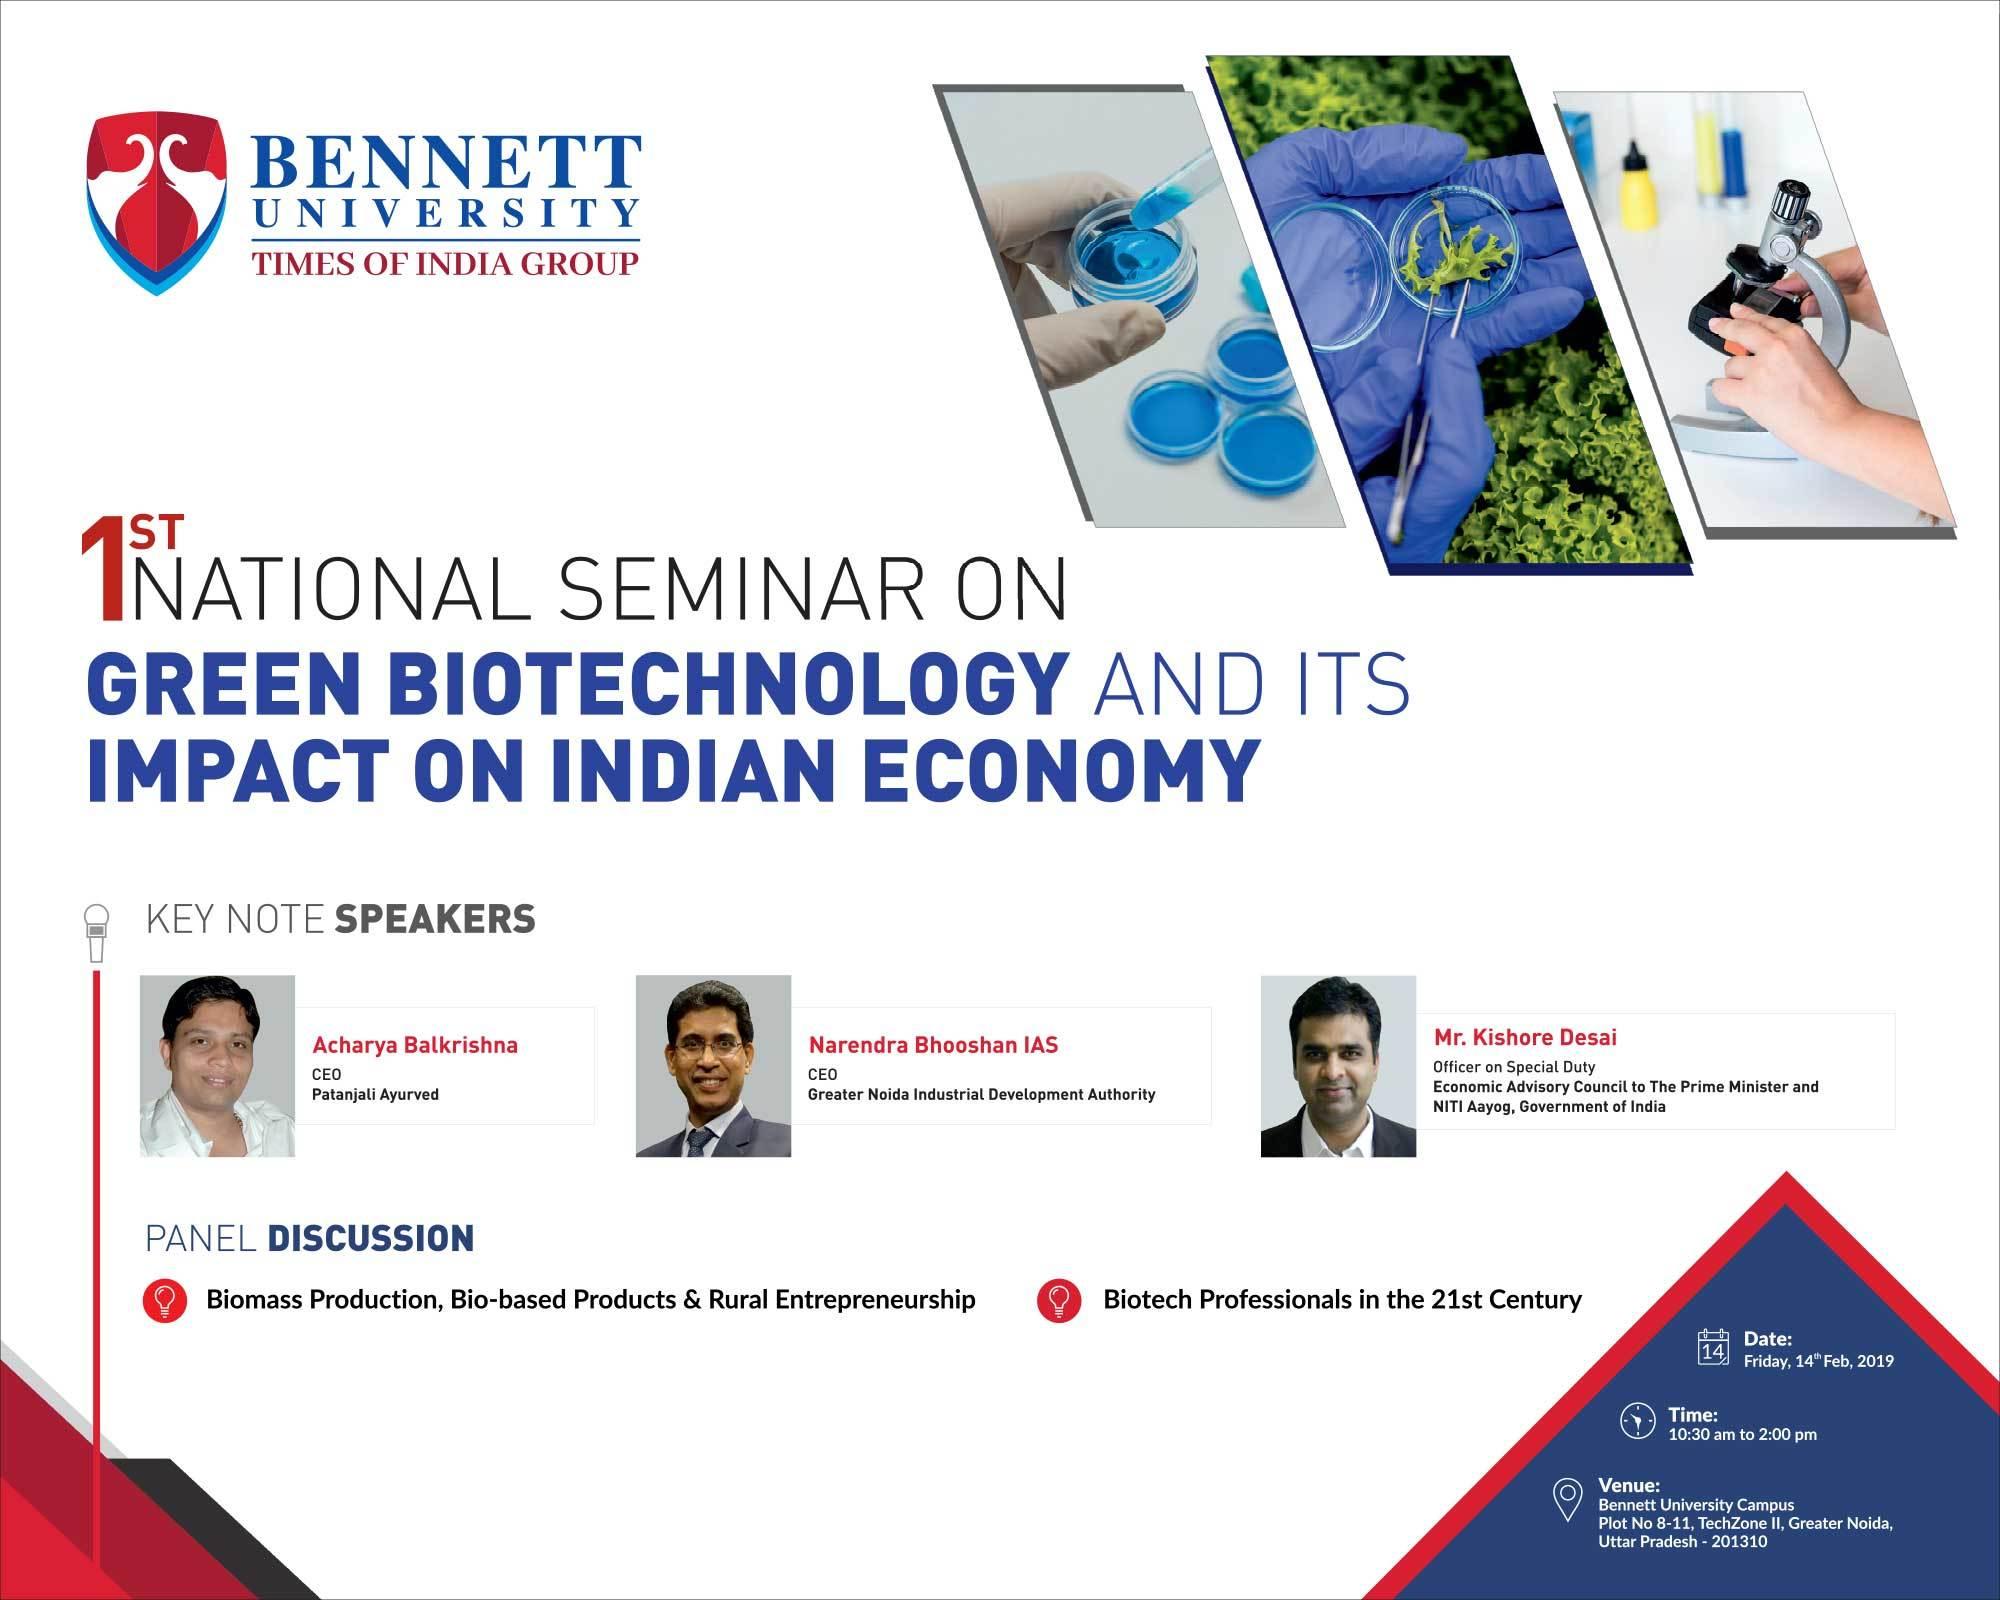 Bennett University to organise national seminar on 'Green Biotech